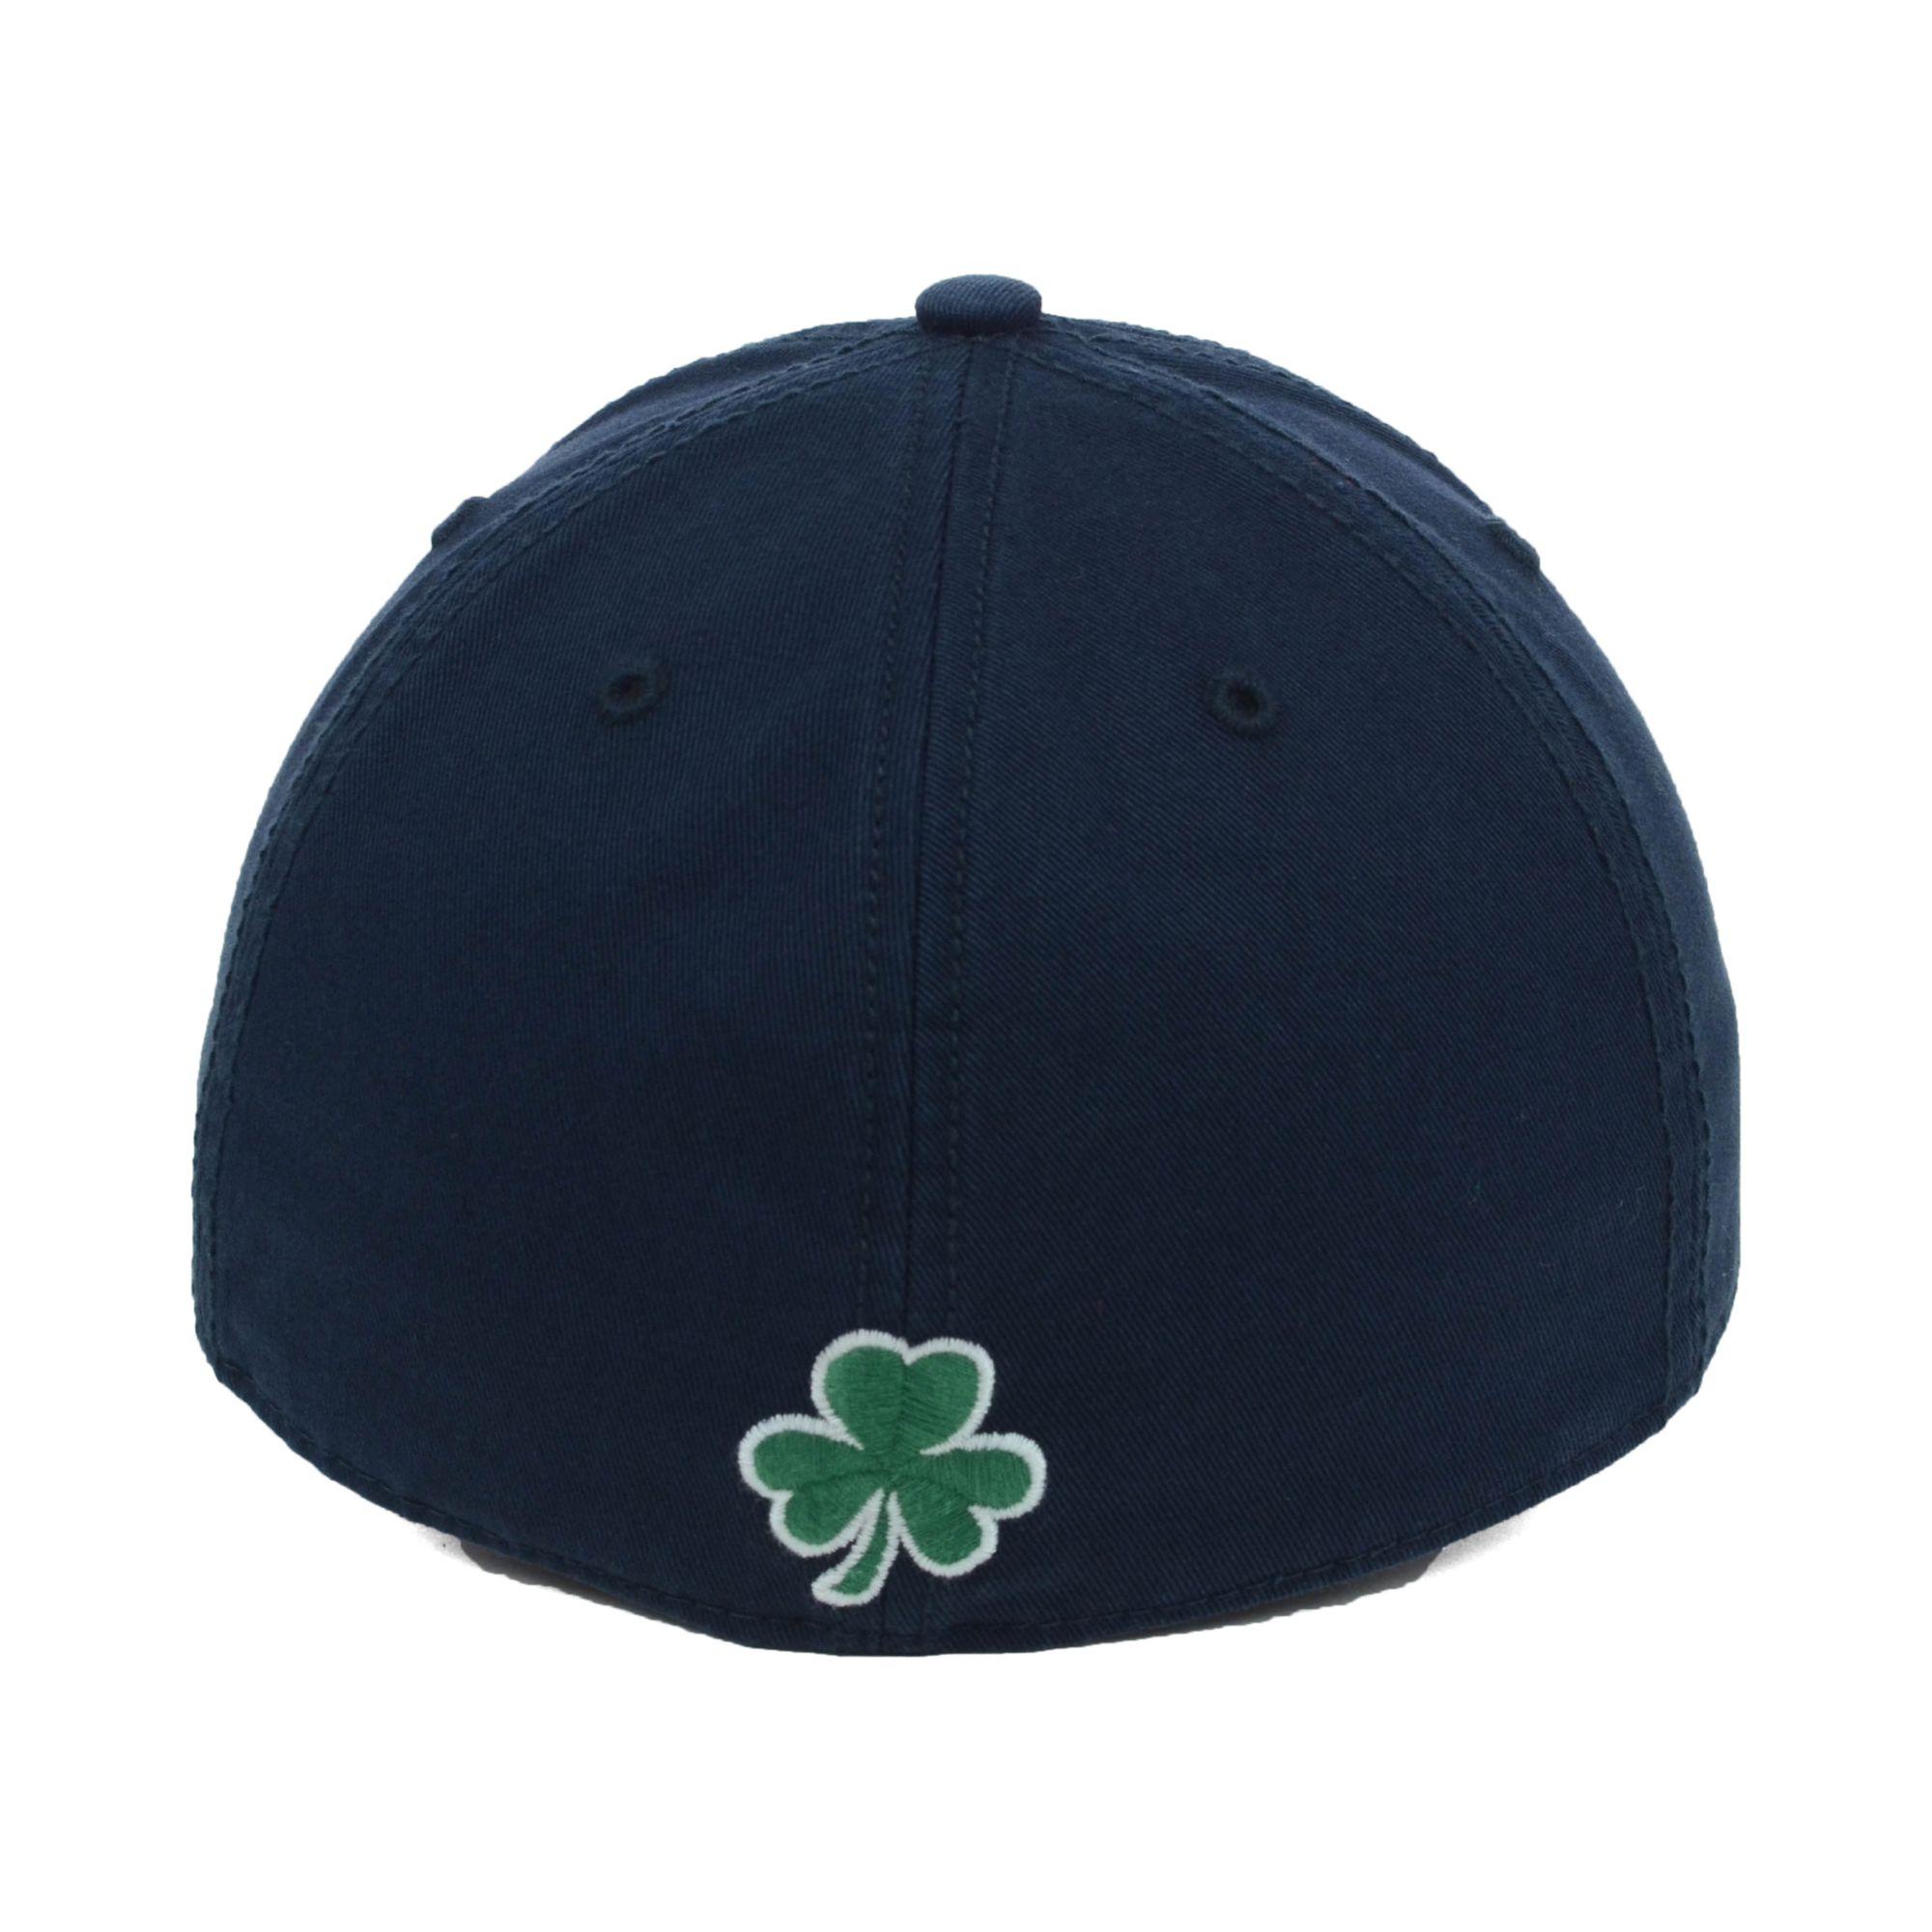 2097214df2e ... ireland lyst 47 brand new york mets mlb dublin cap in blue for men  2e095 c2e40